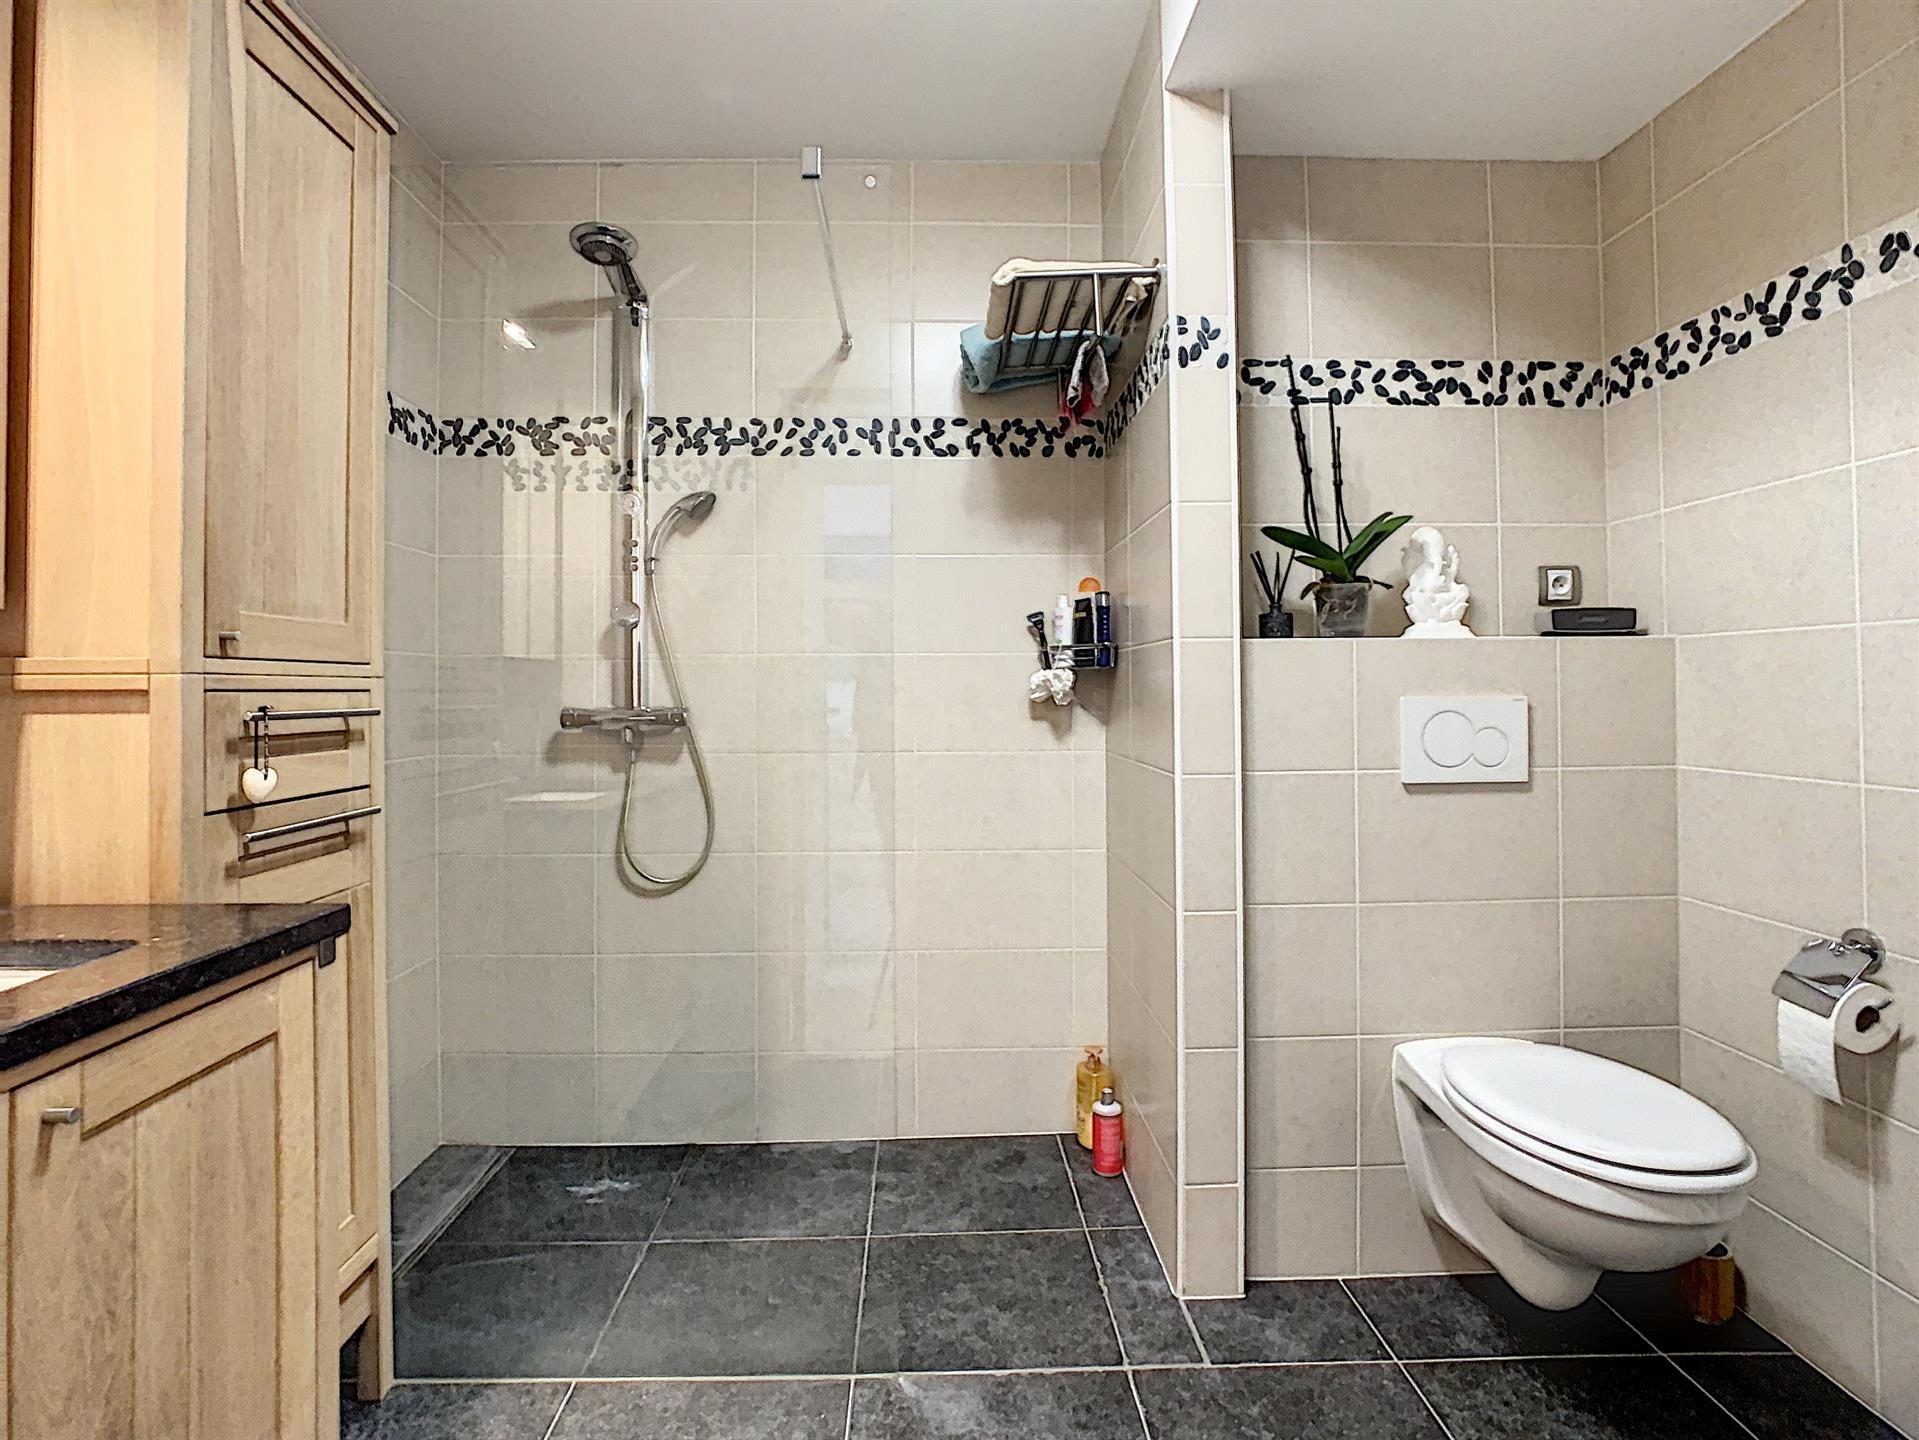 Appartement - Berchem-Sainte-Agathe - #4164858-5